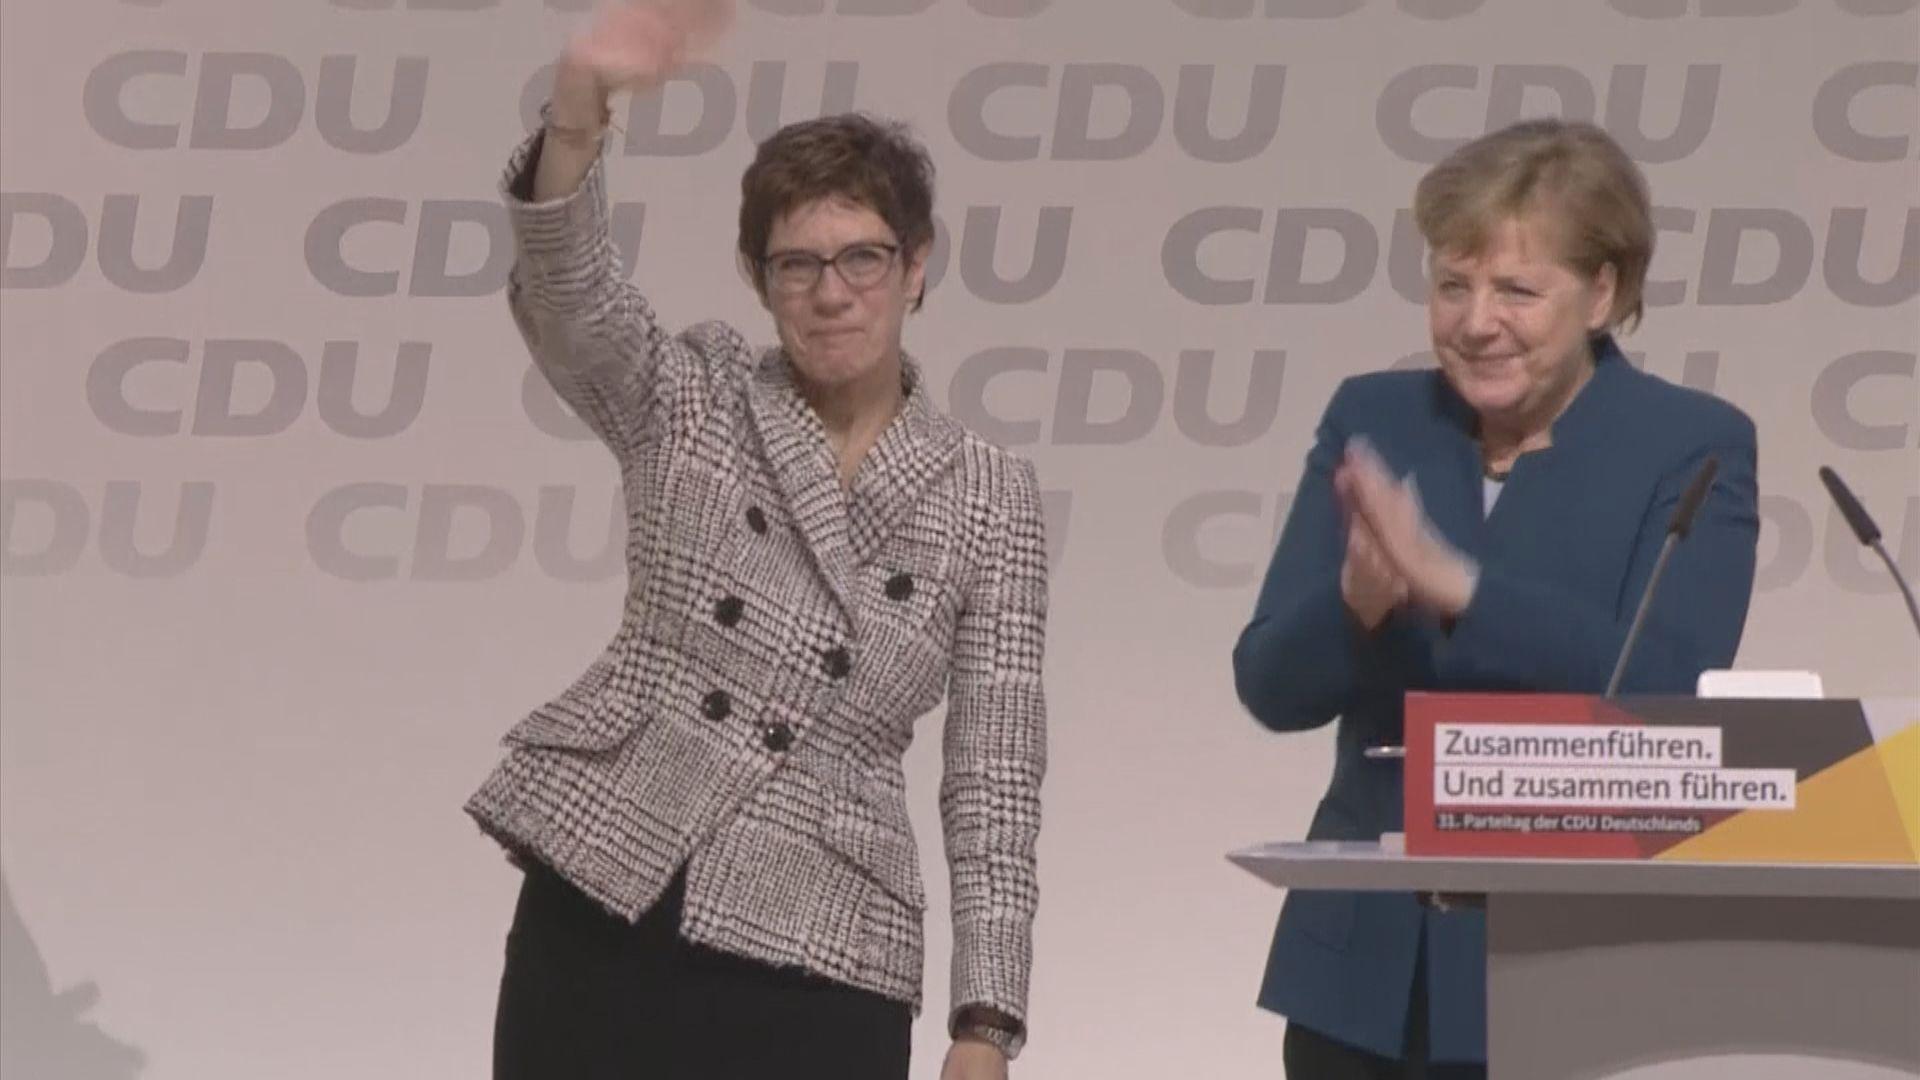 克蘭普卡倫鮑爾當選德國基民盟主席